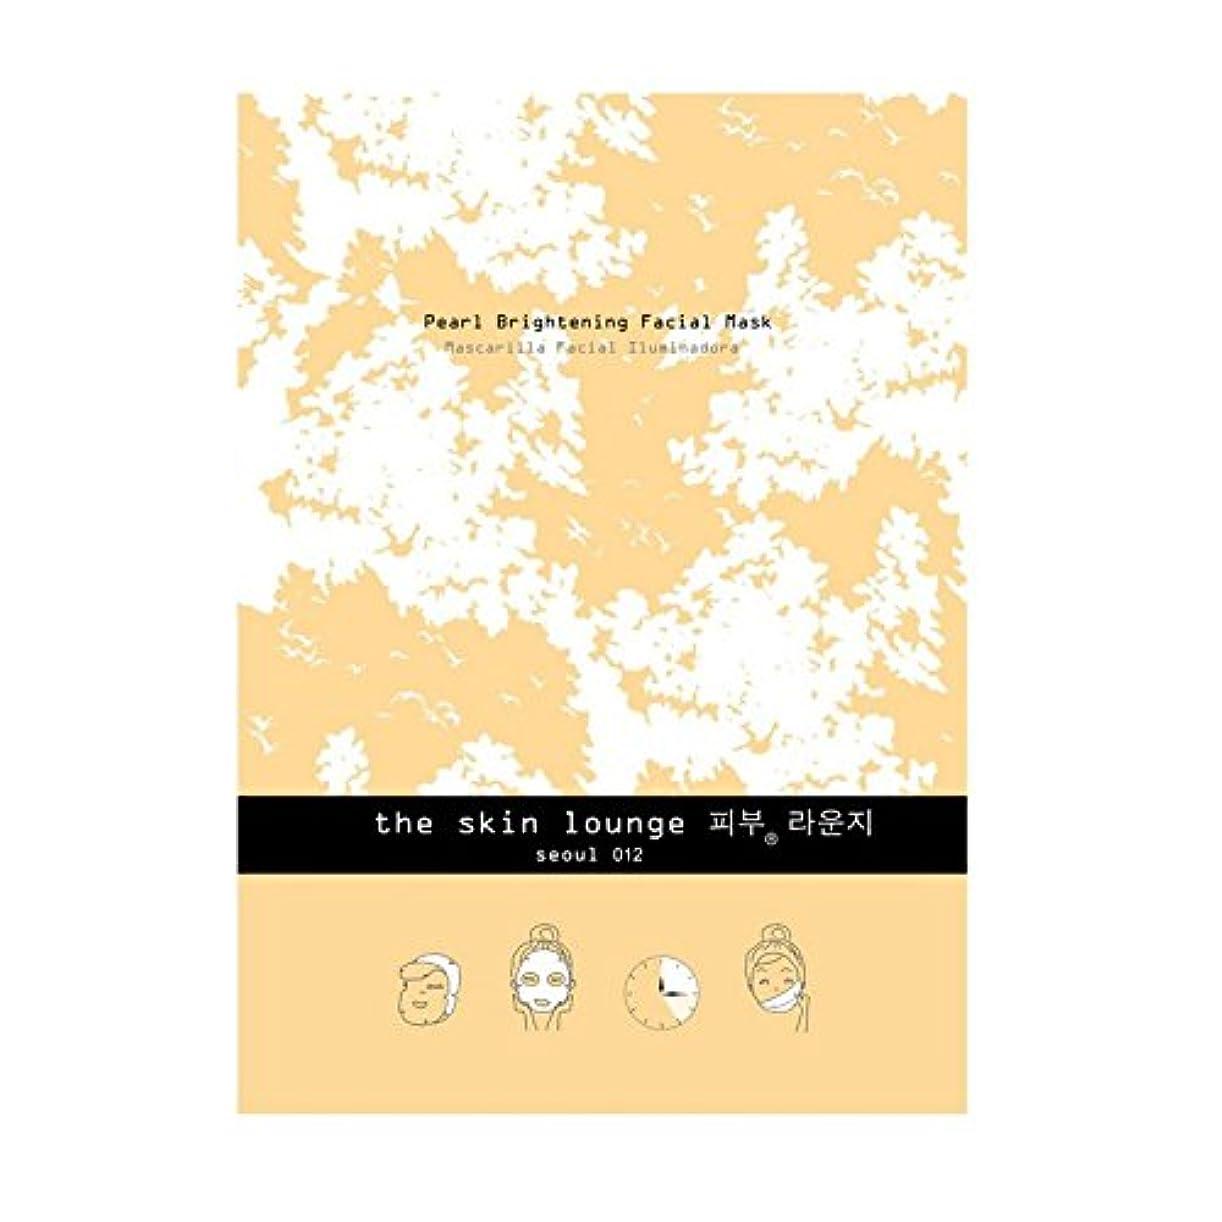 エコー透過性単一セルロースマスクを明るく皮膚ラウンジ真珠 x4 - The Skin Lounge Pearl Brightening Single Cellulose Mask (Pack of 4) [並行輸入品]